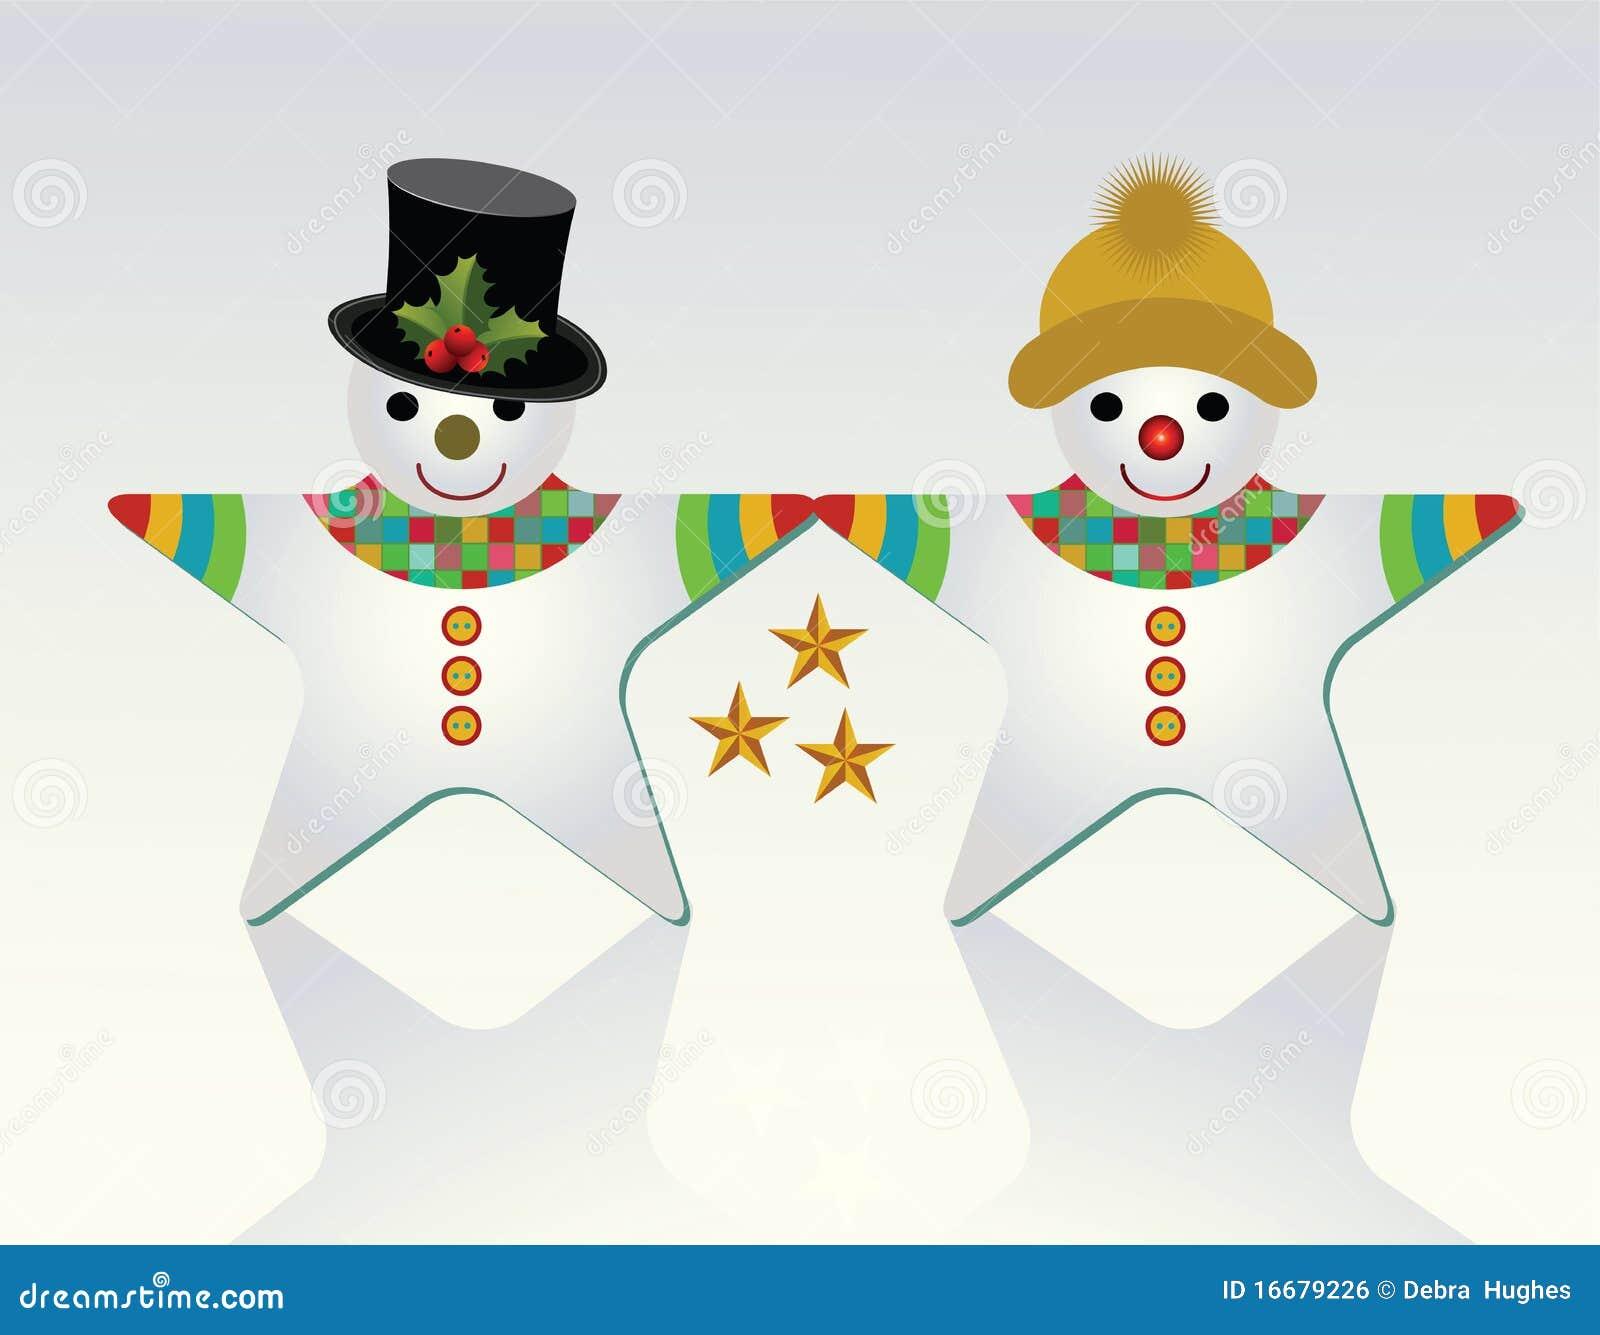 Mr and Mrs Snowman (unique shape)